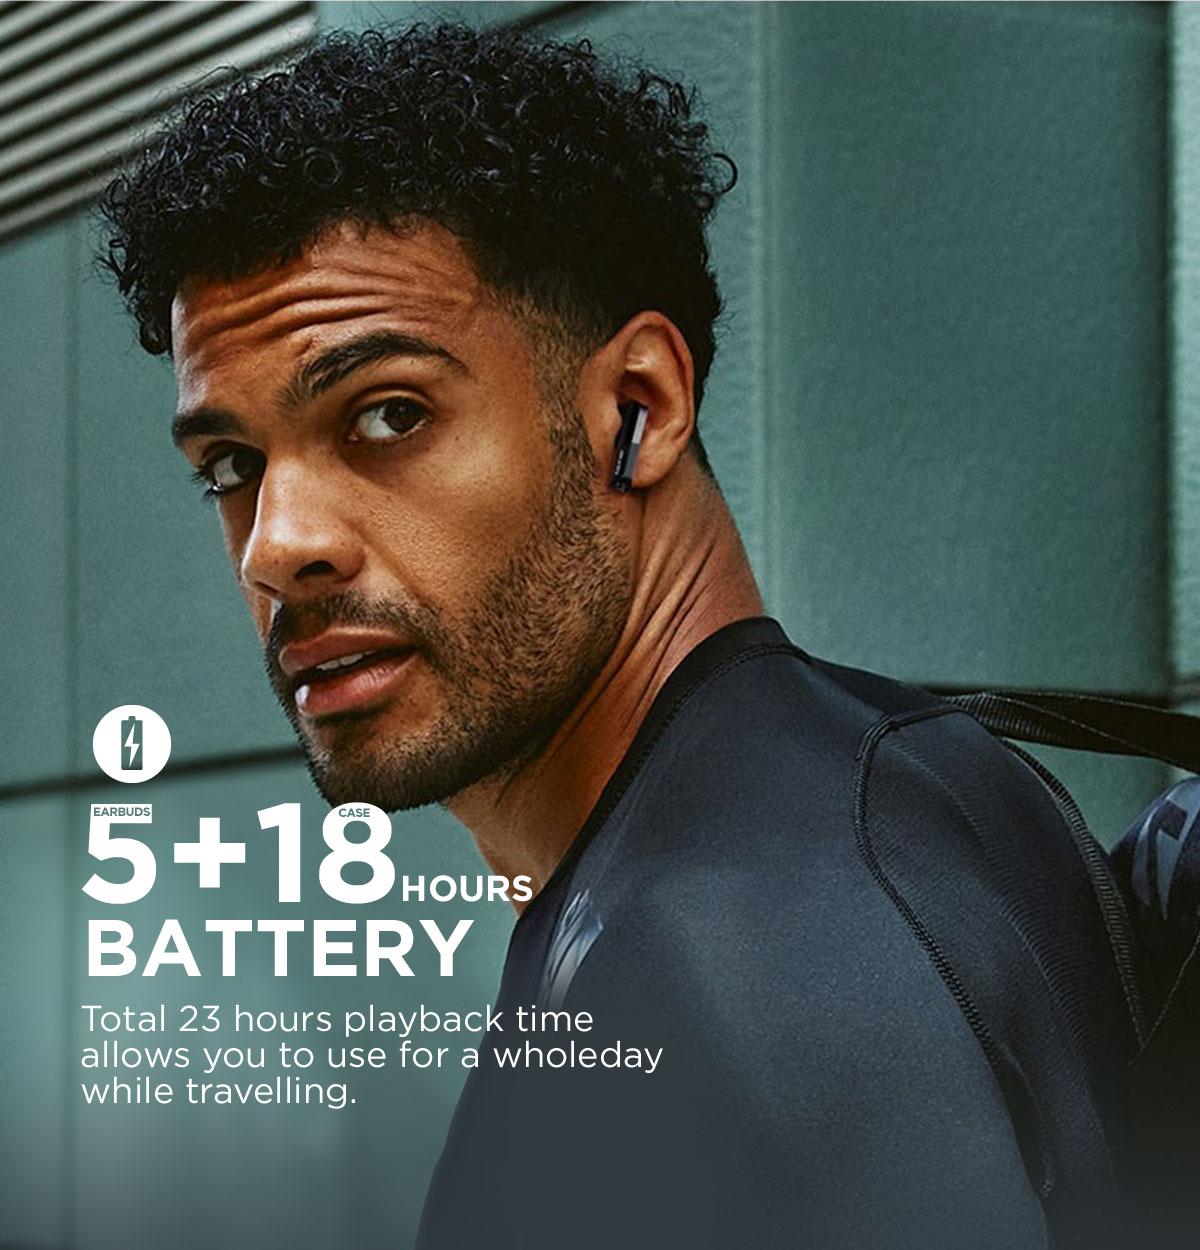 Edifier X6 True Wireless